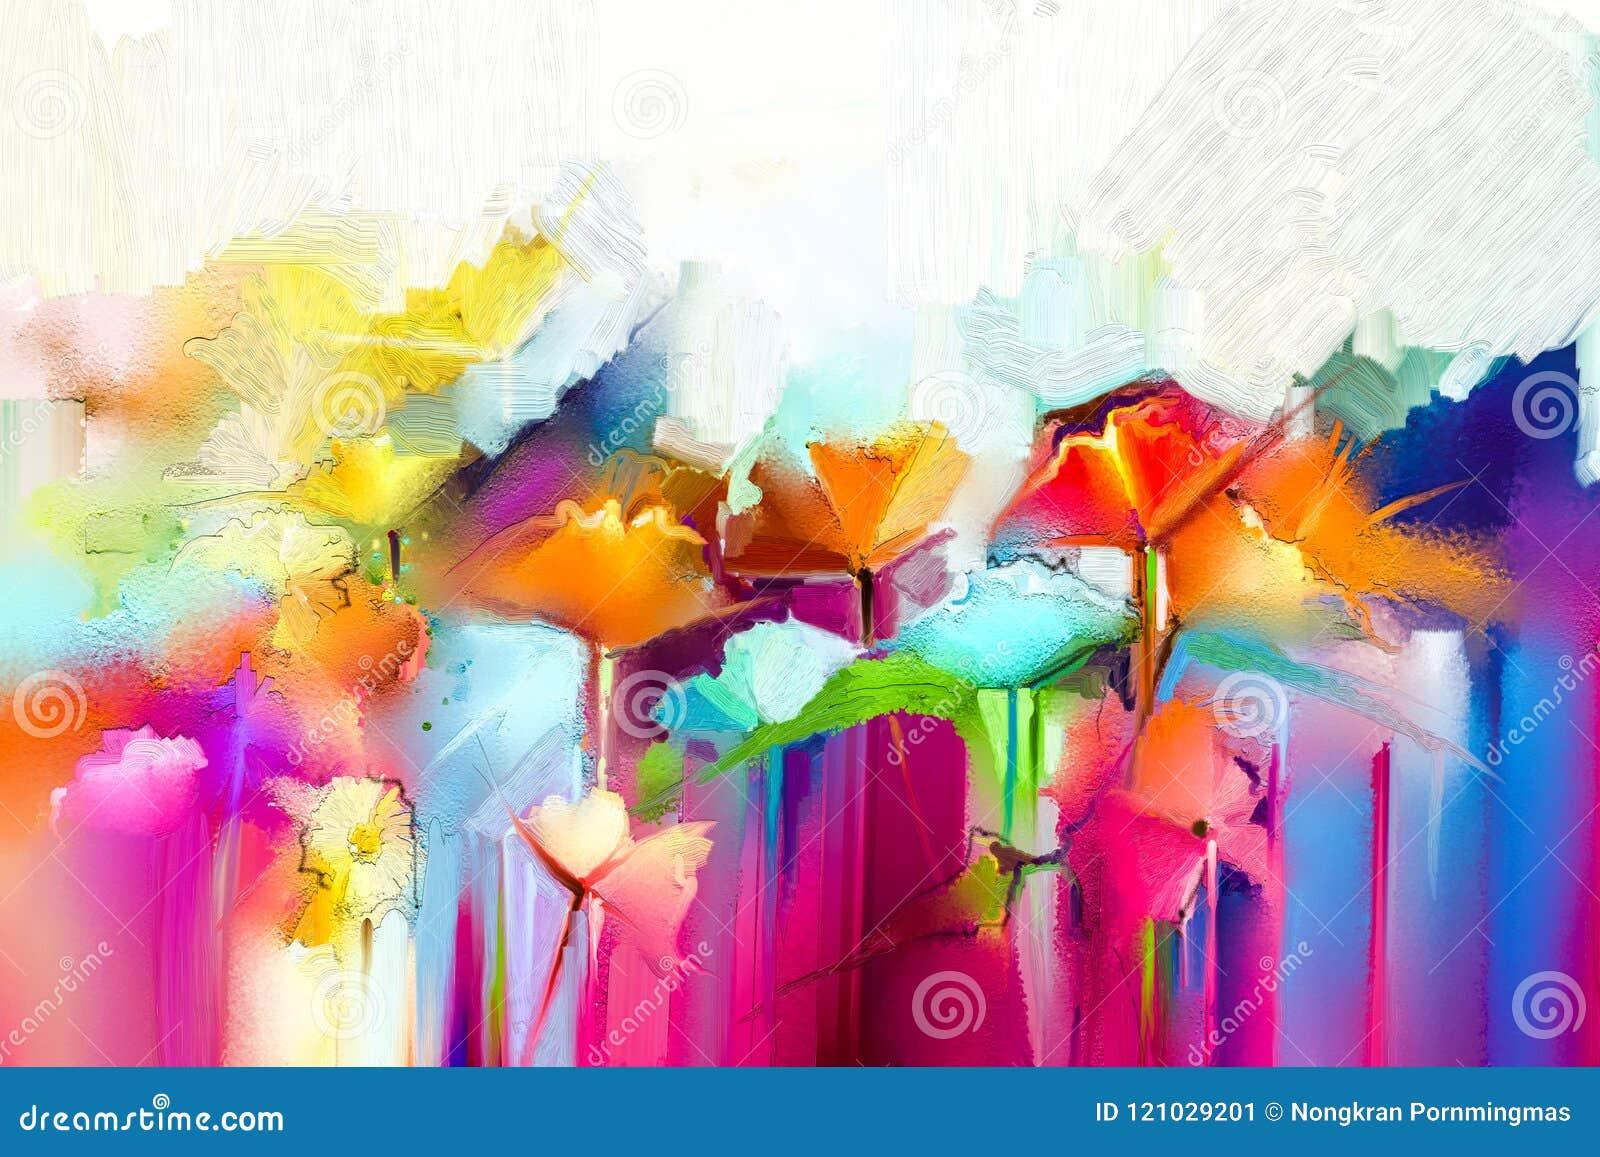 Abstrakcjonistyczny kolorowy obraz olejny na kanwie Semi- abstrakcjonistyczny wizerunek kwiaty, w kolorze żółtym i czerwieni z bł